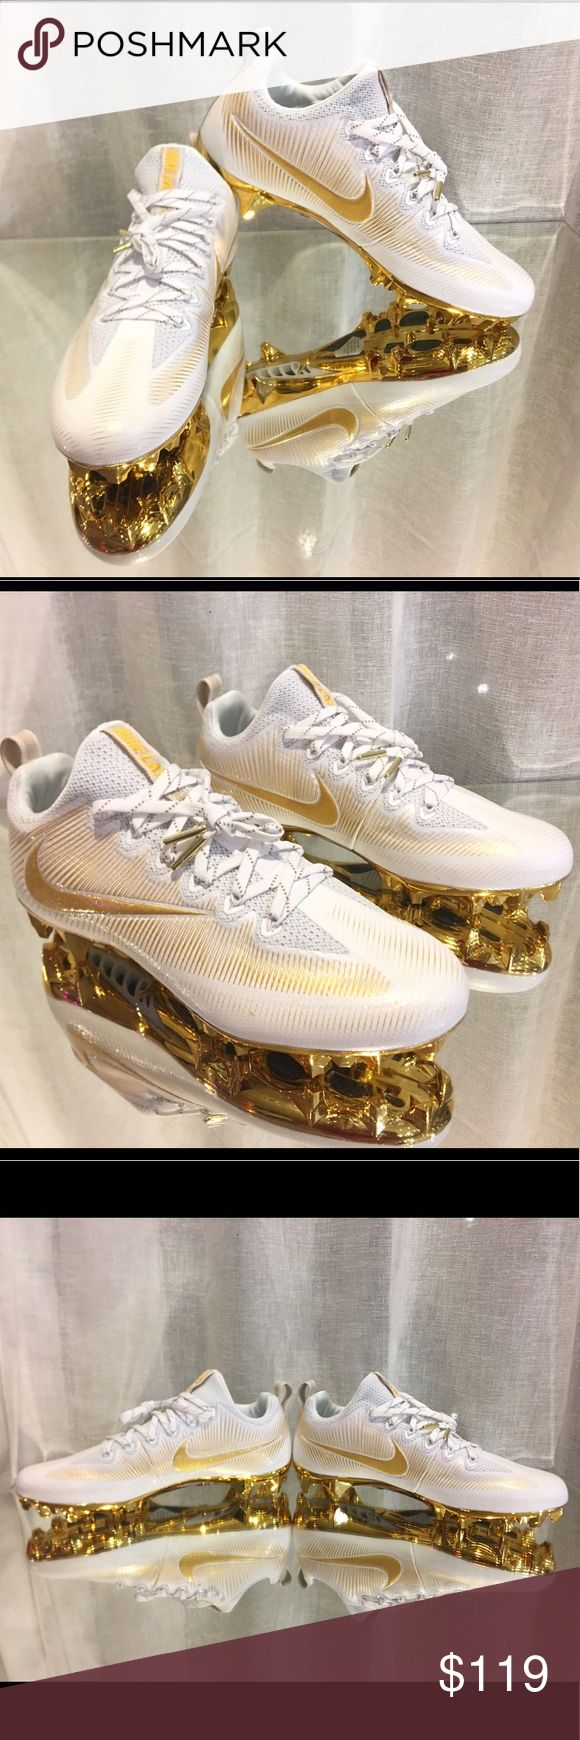 Nike Vapor Untouchable Jewels Lacrosse Football NWOB Nike Vapor Untouchable Jewels Lacrosse Football Cleats 833516-170 Men's Size 9 Nike Shoes Athletic Shoes